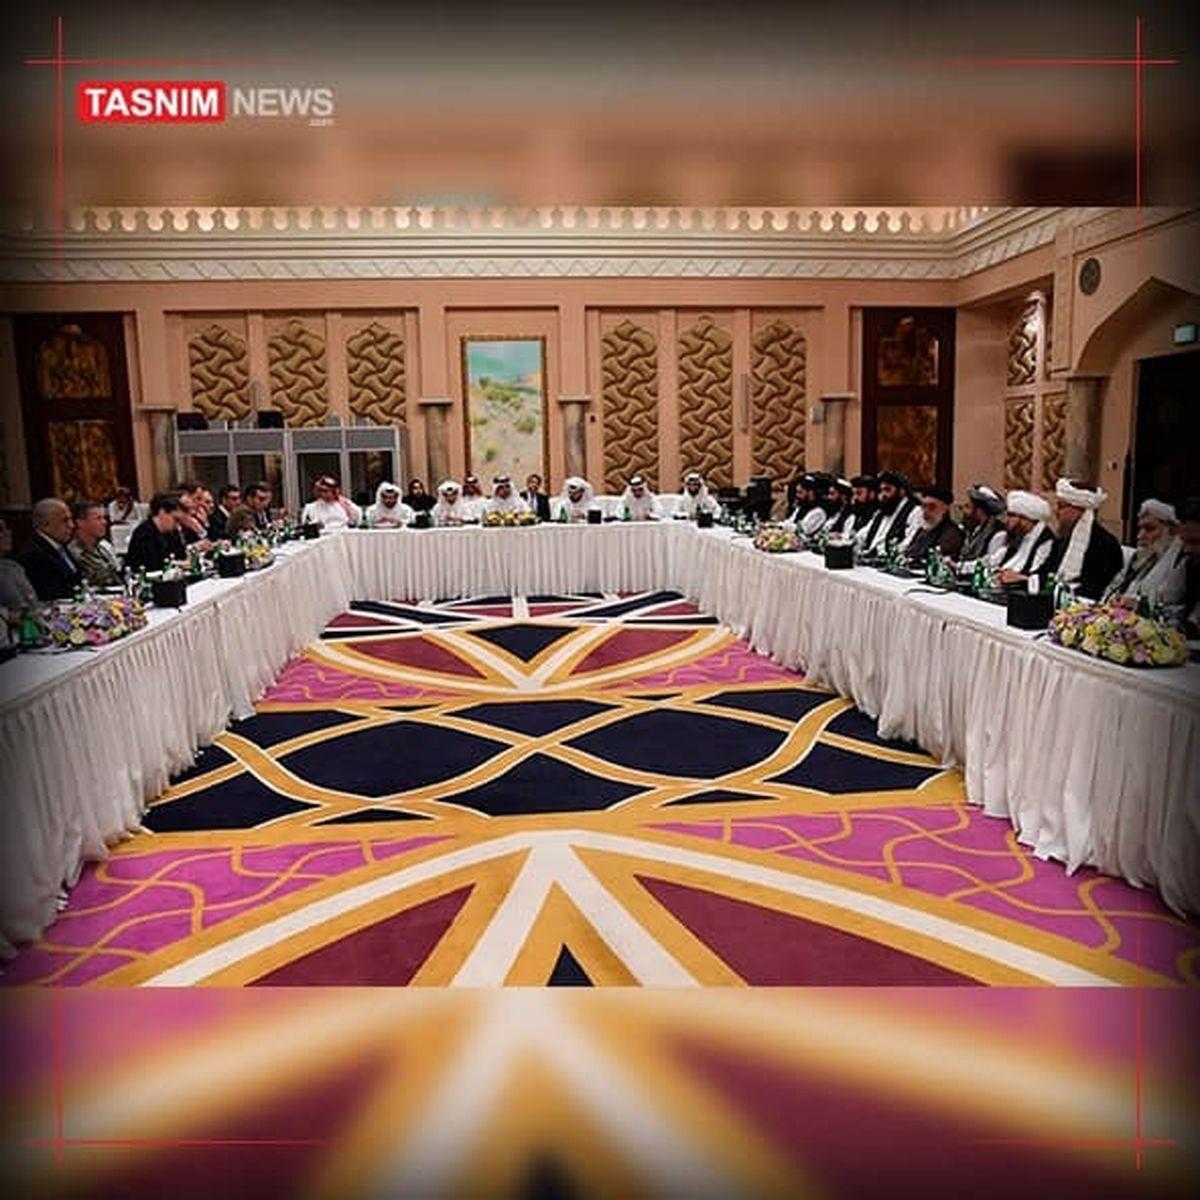 احتمال حضور ایران و هند در مذاکرات صلح افغانستان